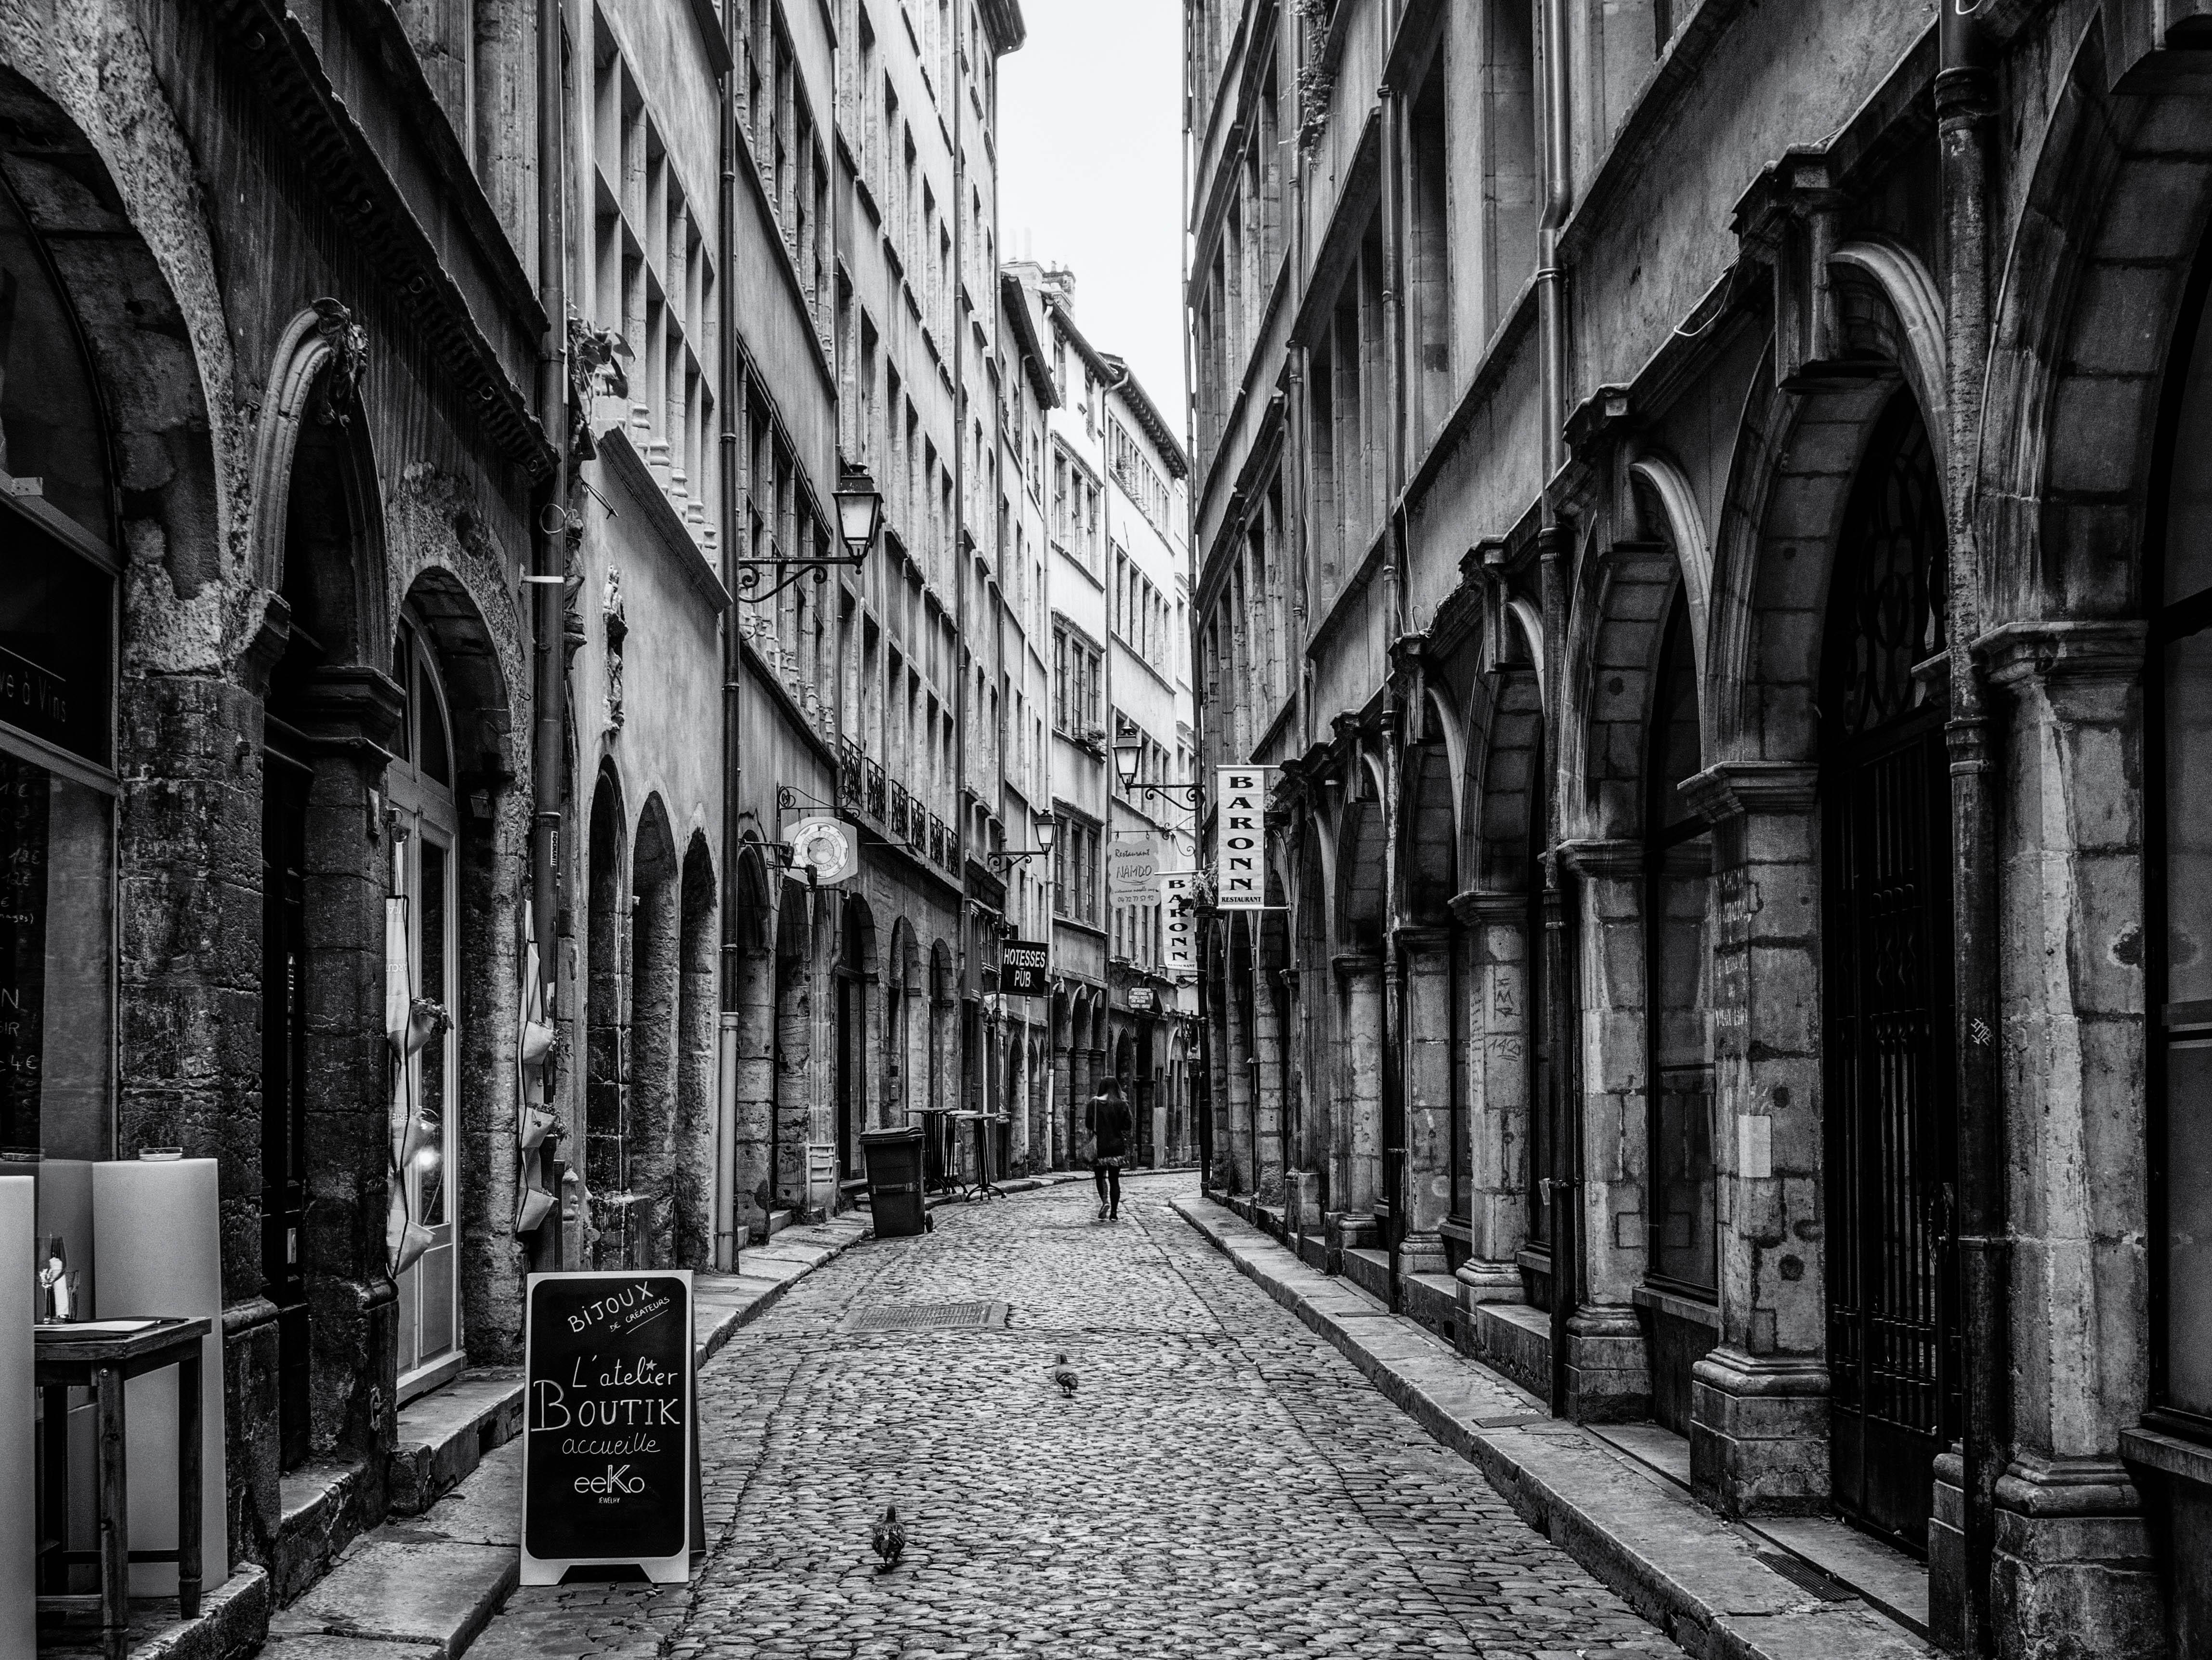 Vieux Lyon Street